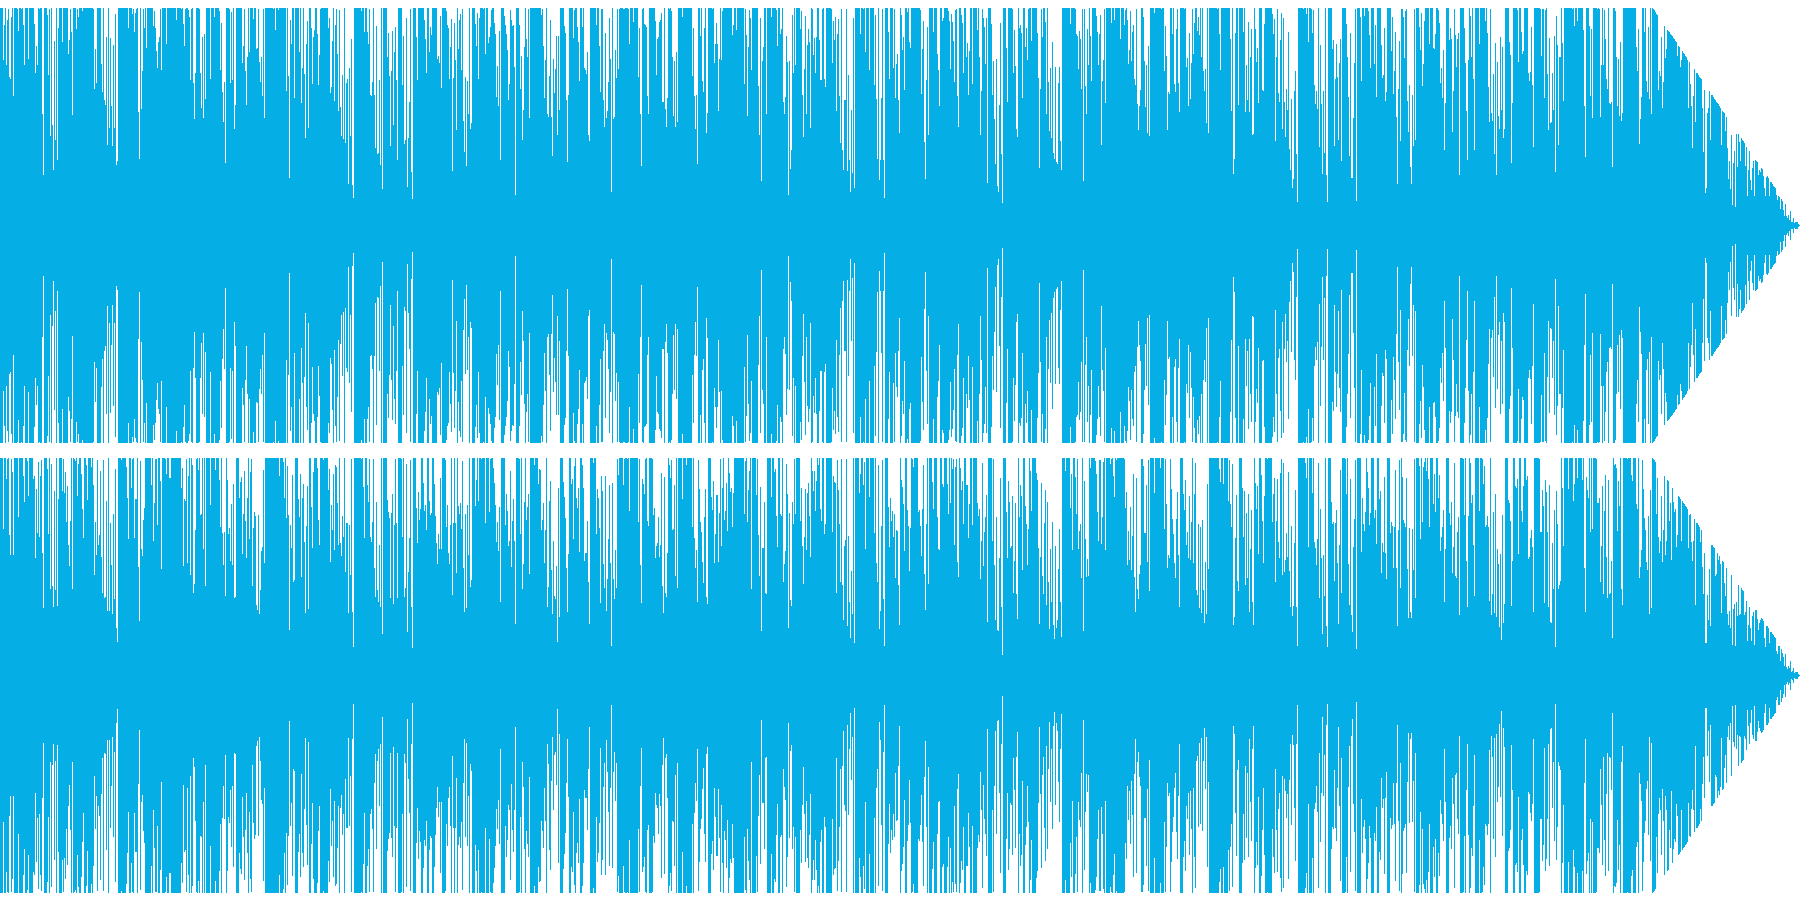 尺八と太鼓からなる音楽の再生済みの波形